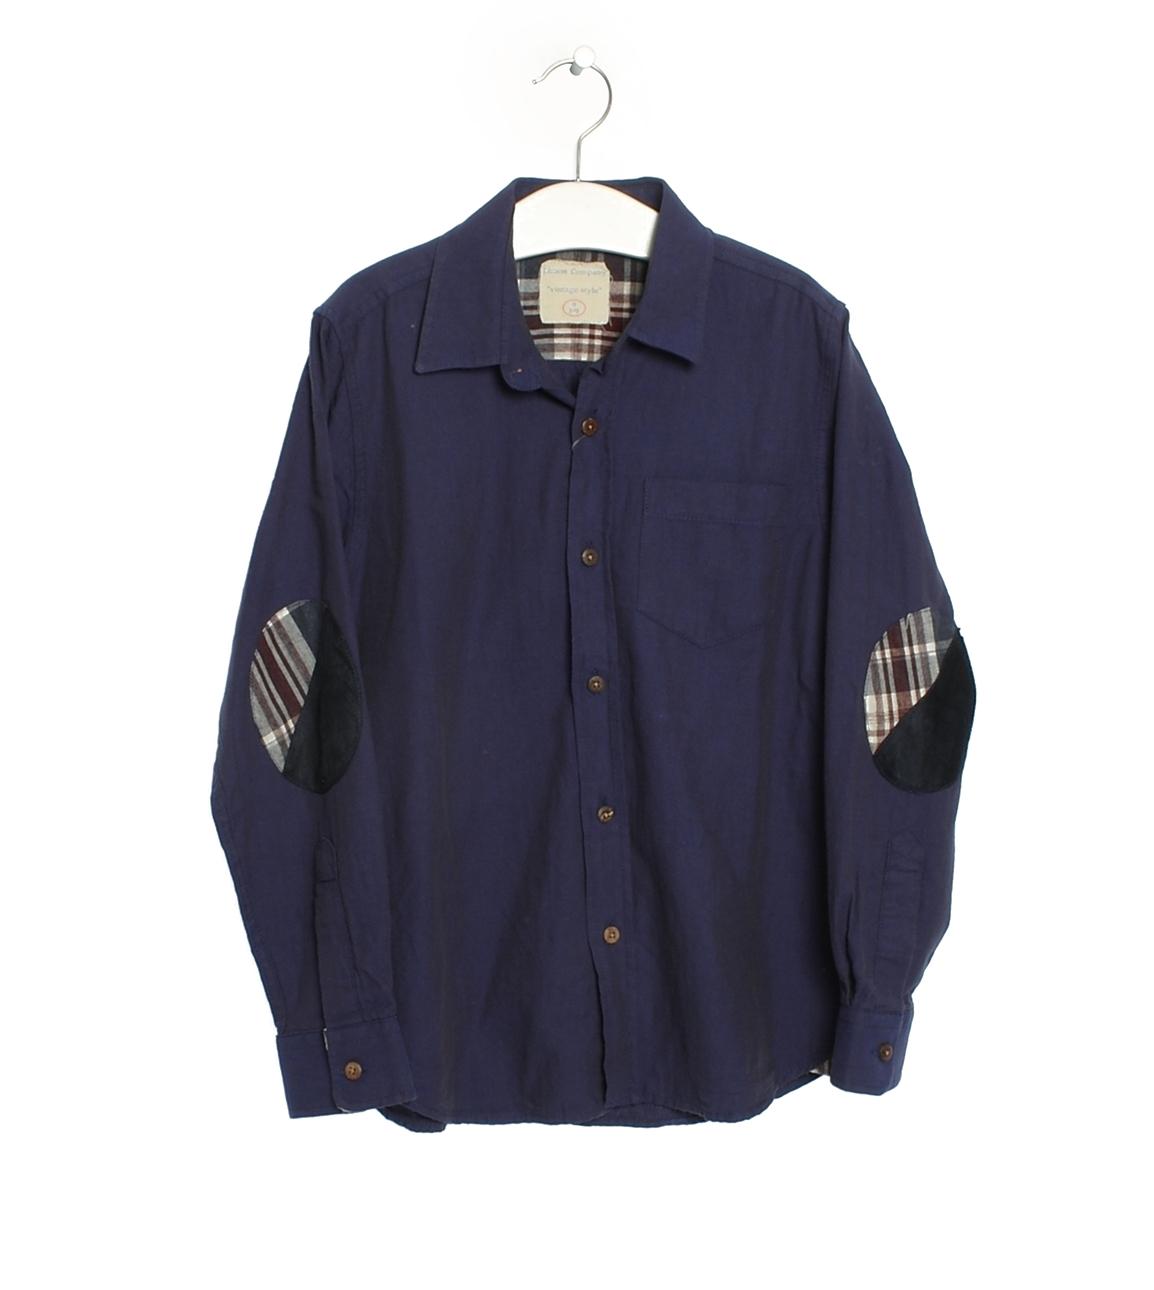 14 Yaş Erkek Koyu Lacivert Limon Gömlek 5000021674005 Çocuk Giyim